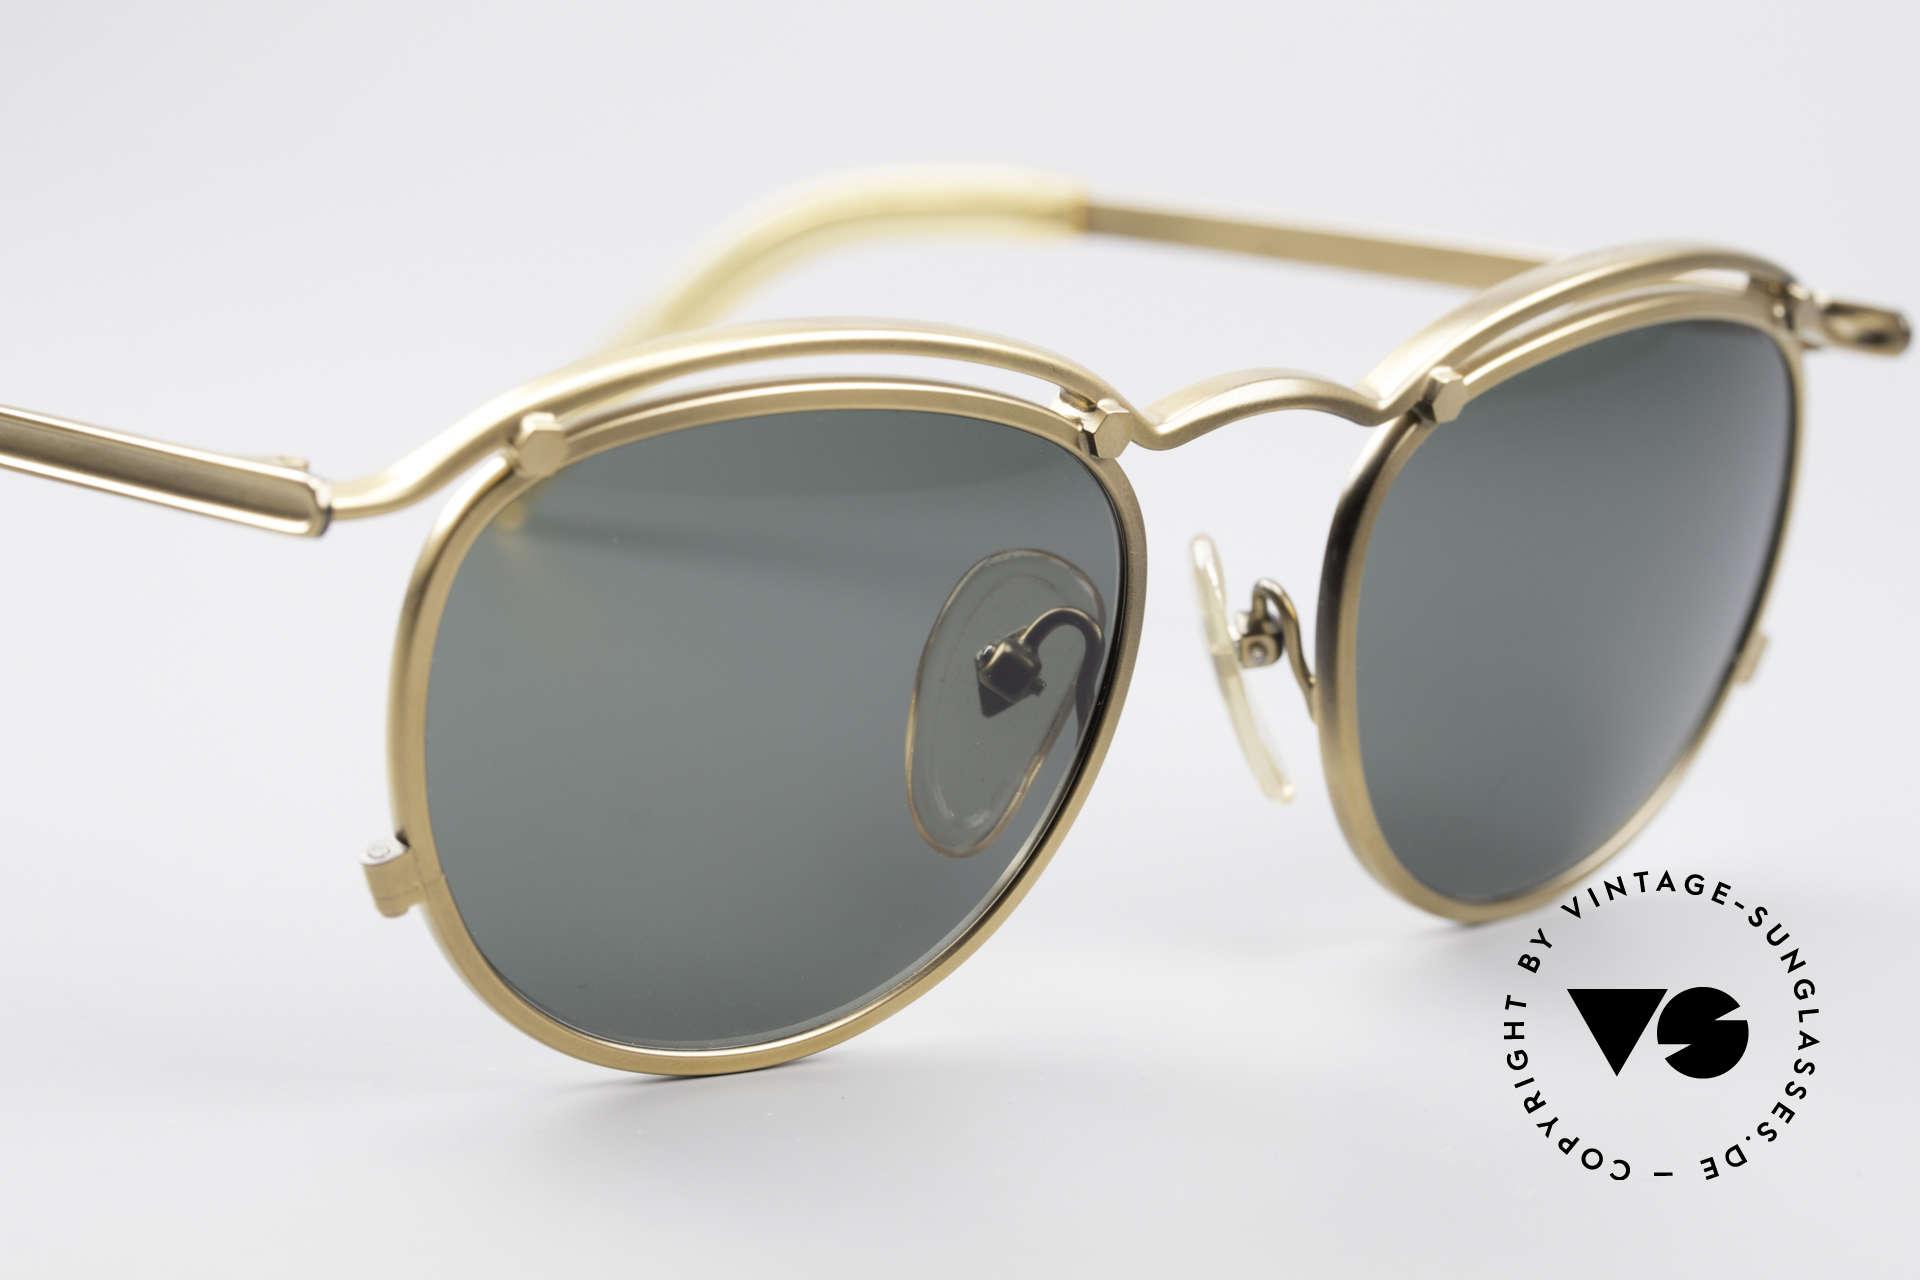 Jean Paul Gaultier 56-1174 Steampunk Panto Fassung, KEINE RETRO-Sonnenbrille, 100% vintage ORIGINAL!, Passend für Herren und Damen